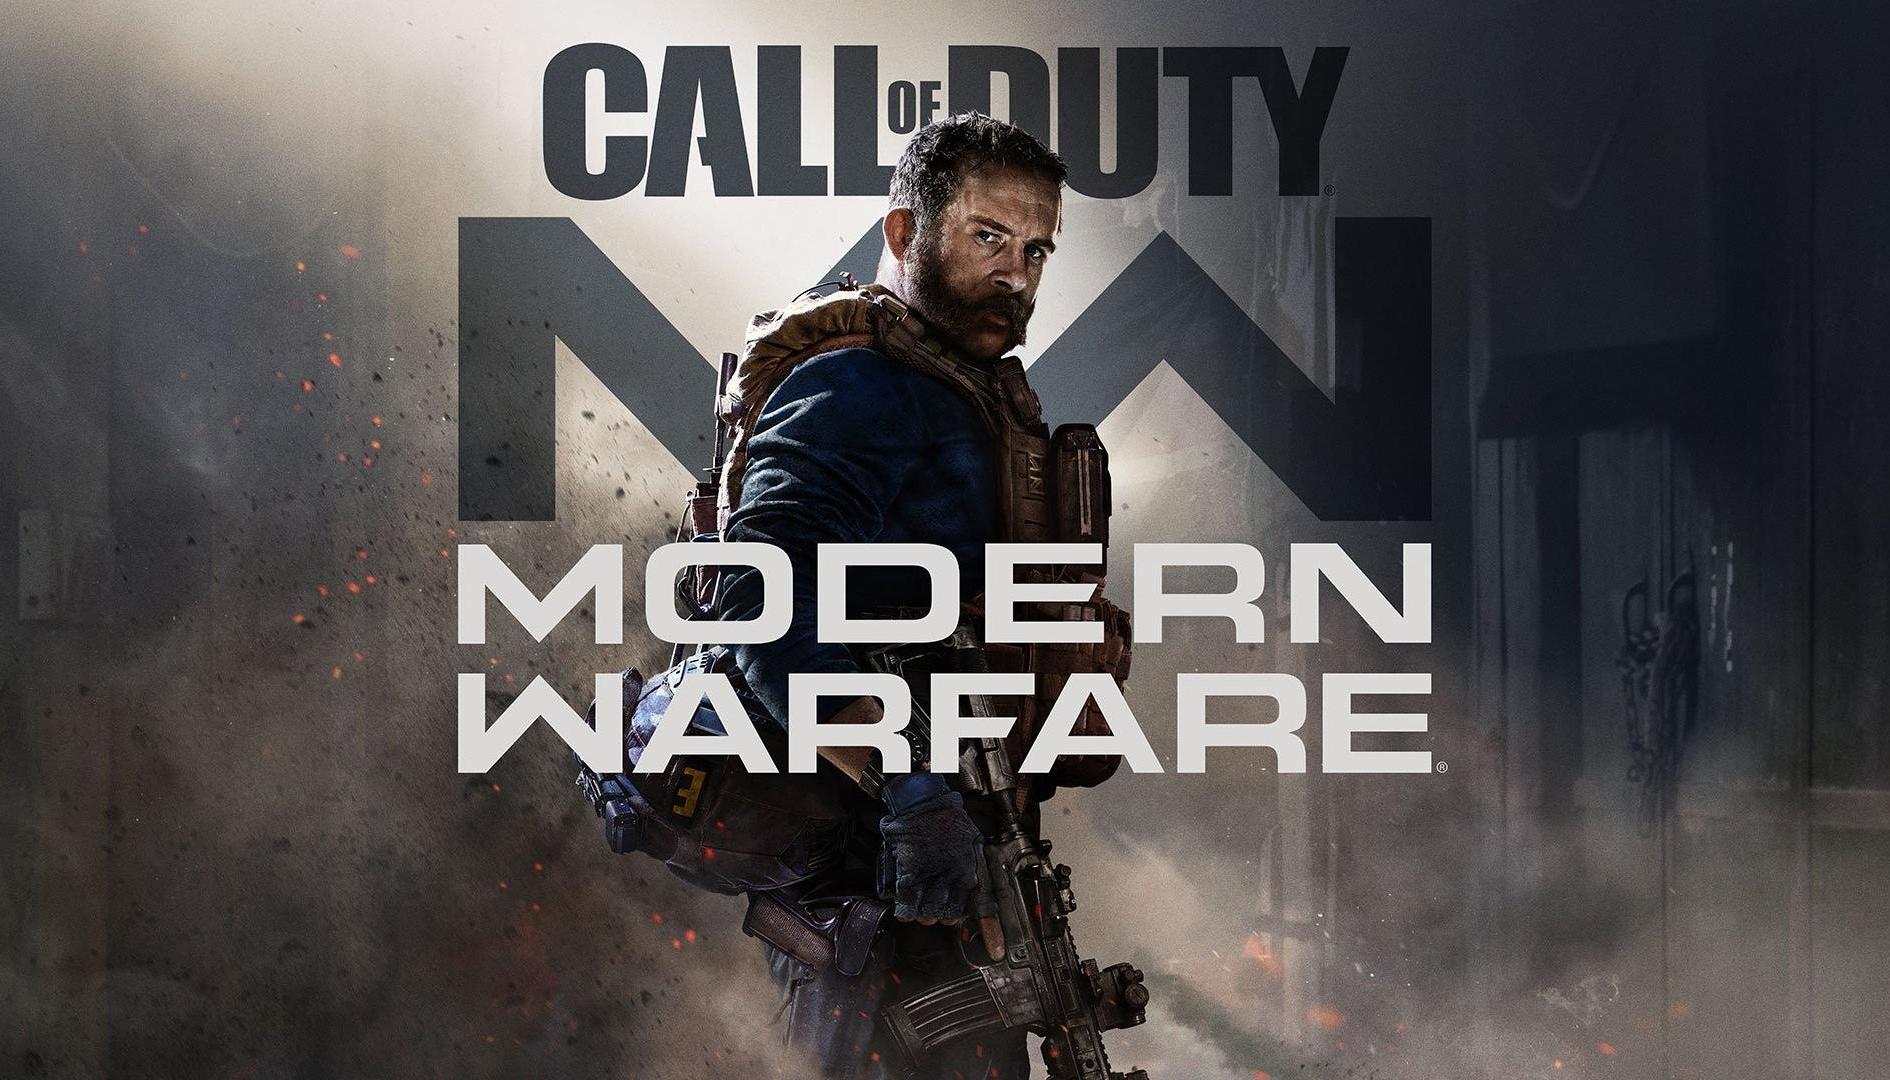 Call of Duty Modern Warfare: mappe scomparse nel nulla, che succede?